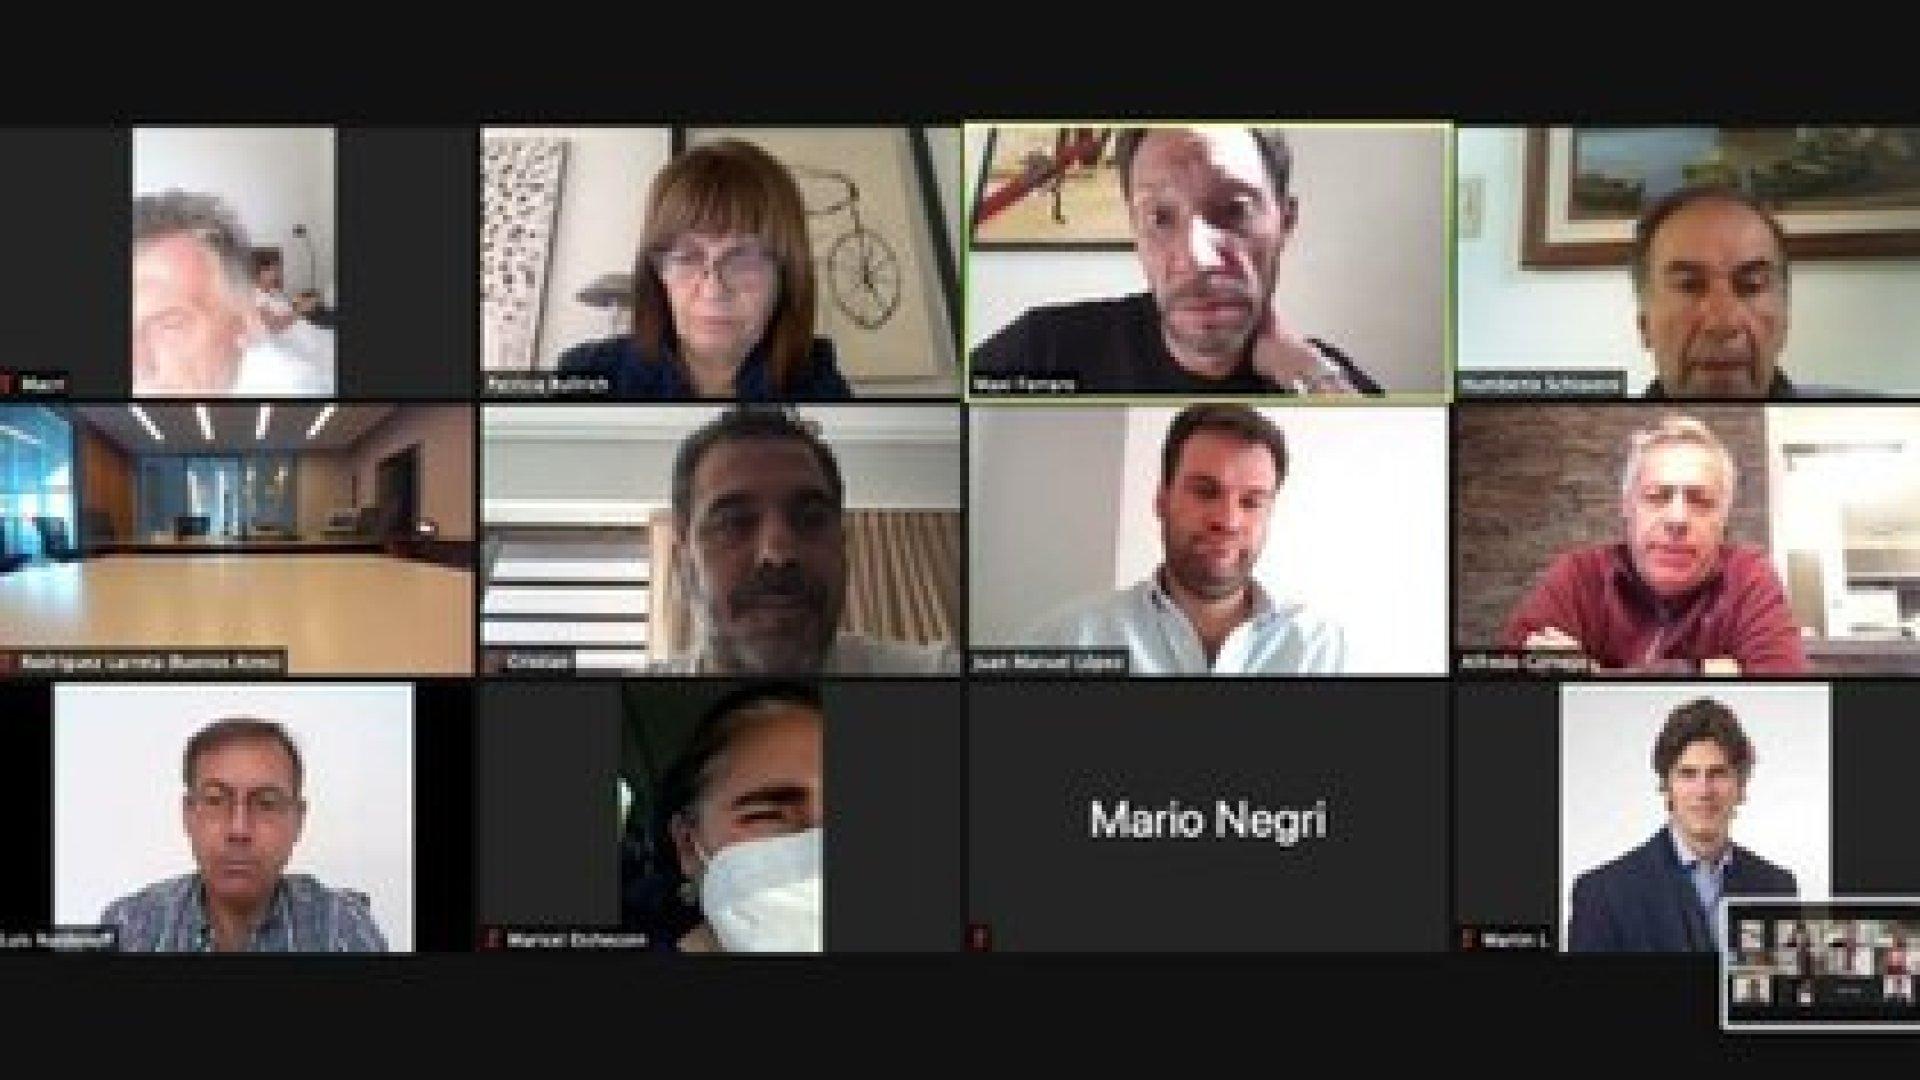 El último encuentro de JxC fue por Zoom e incluyó la foto de Mauricio Macri conectado desde la cama